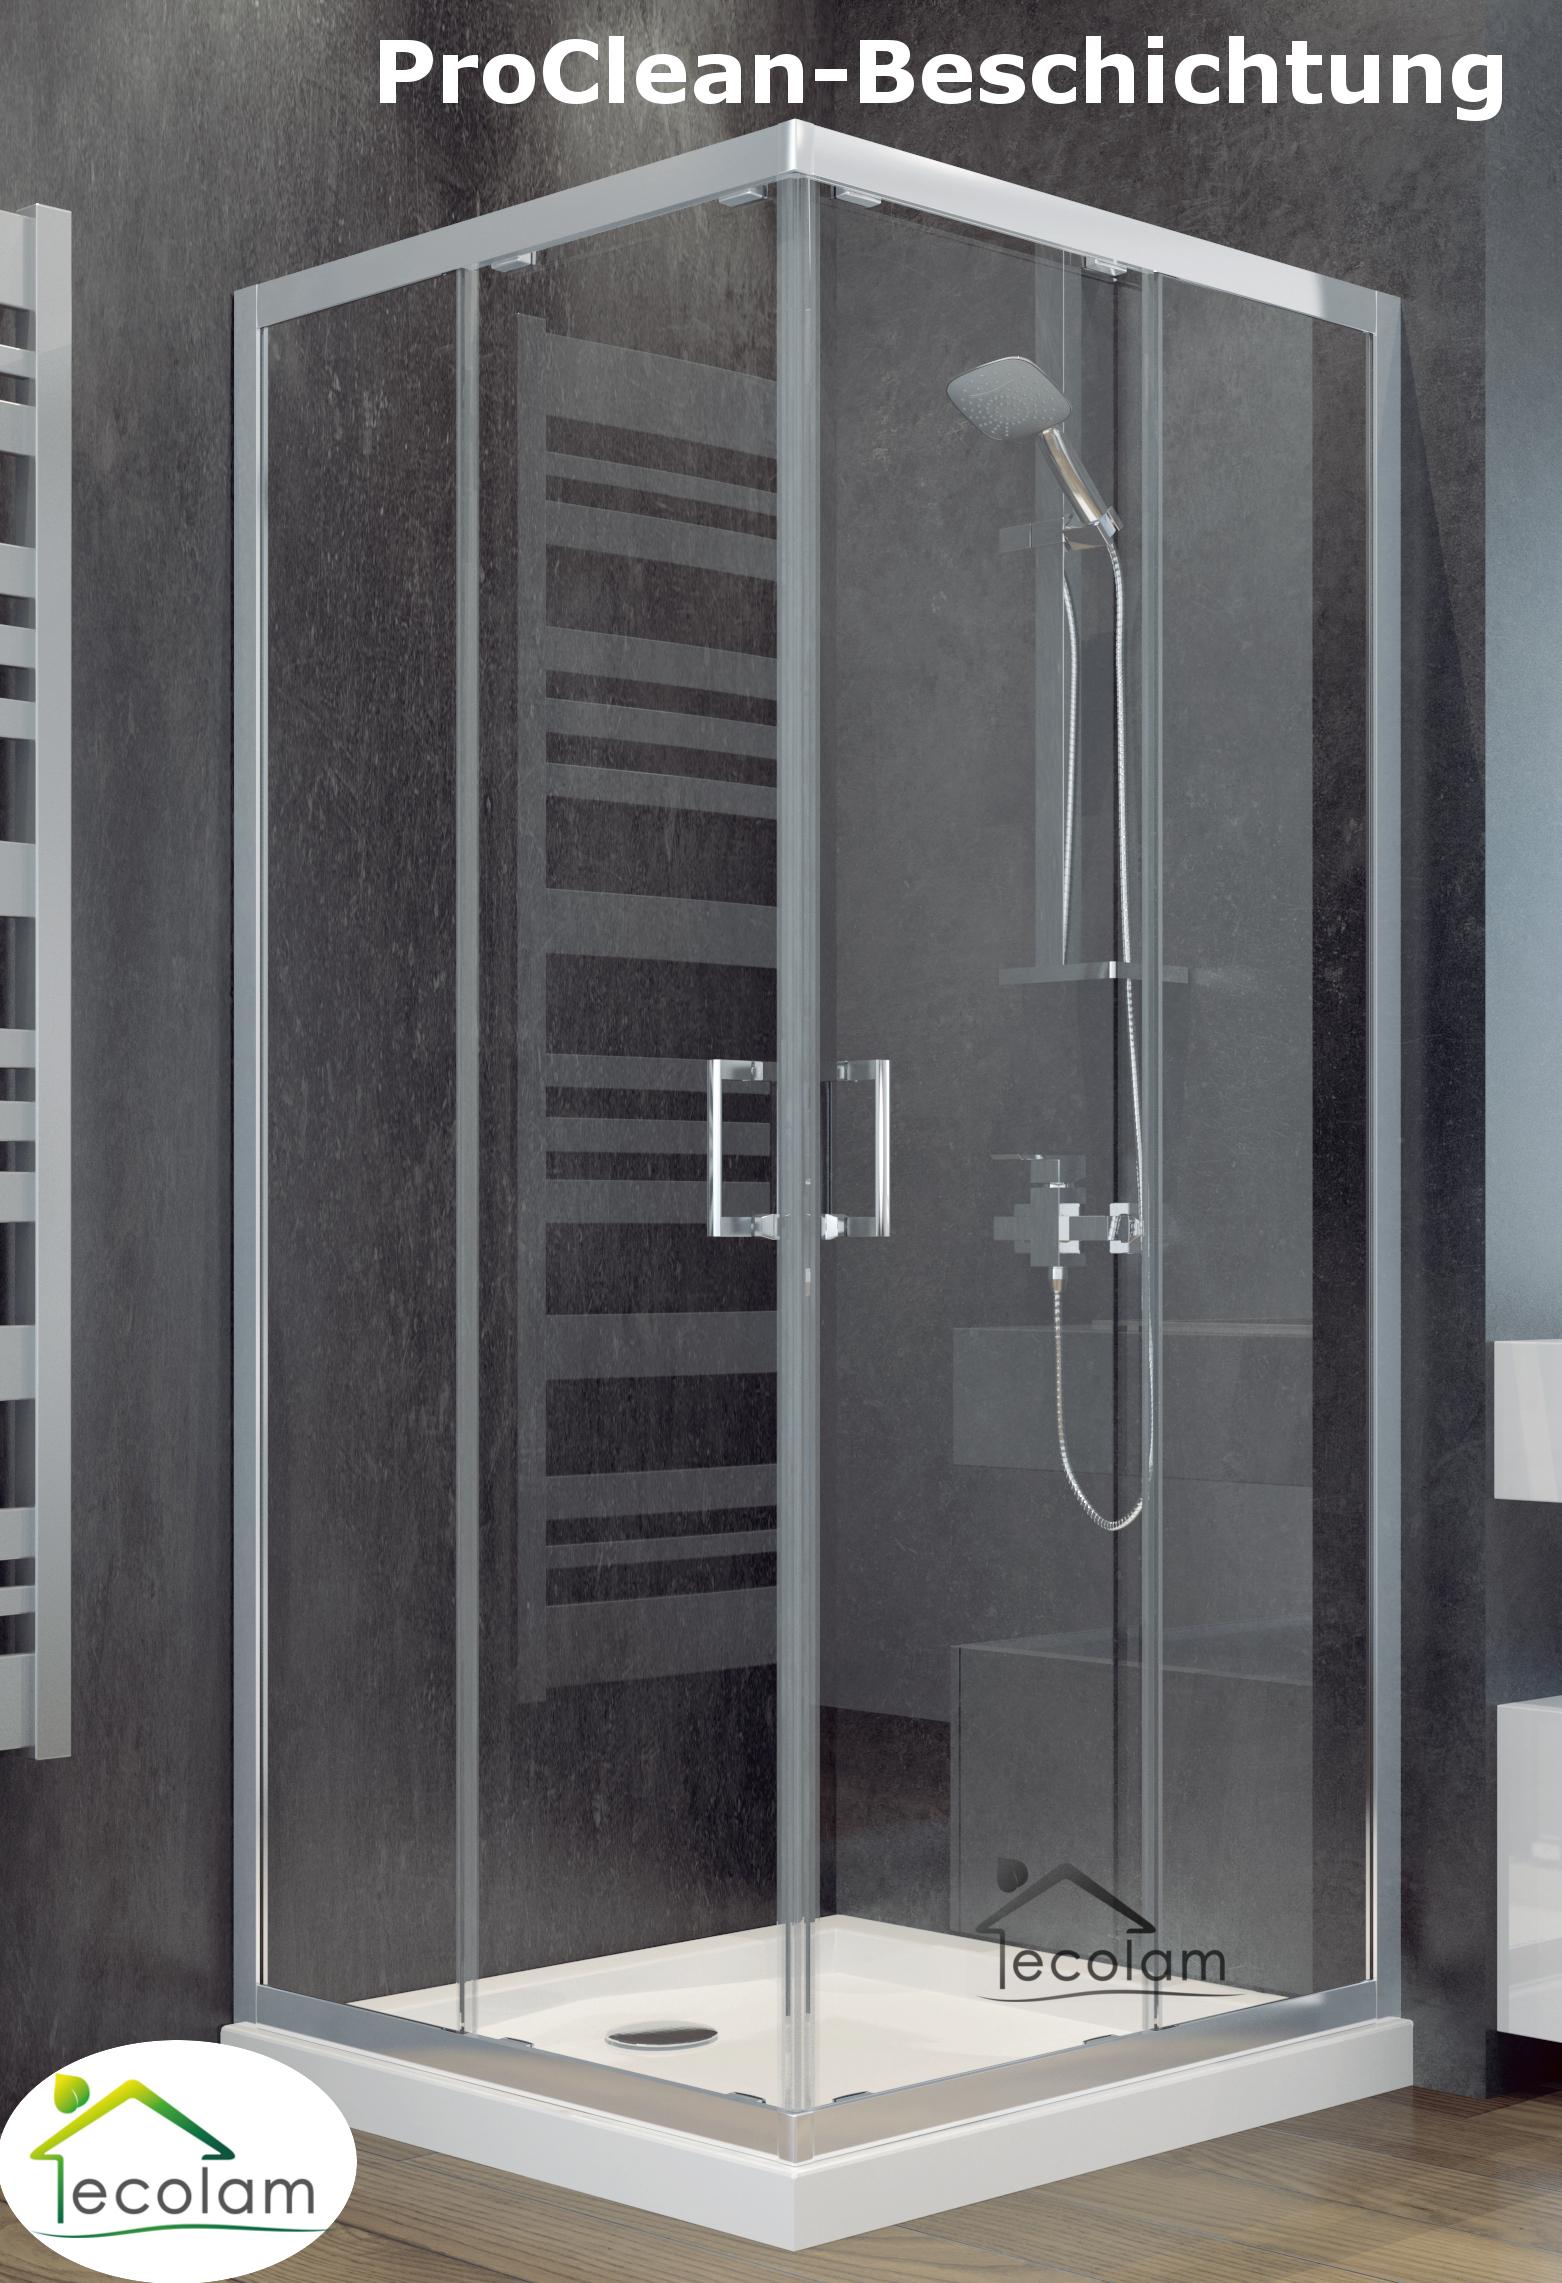 Full Size of Duschkabine 80x80 Viertelkreis Mit Duschtasse U Form Dusche Ausreichend Komplett Glas U Form 80 X Obi Hornbach Eckeinstieg Viereck Transparentes 185 Cm Dusche Dusche 80x80